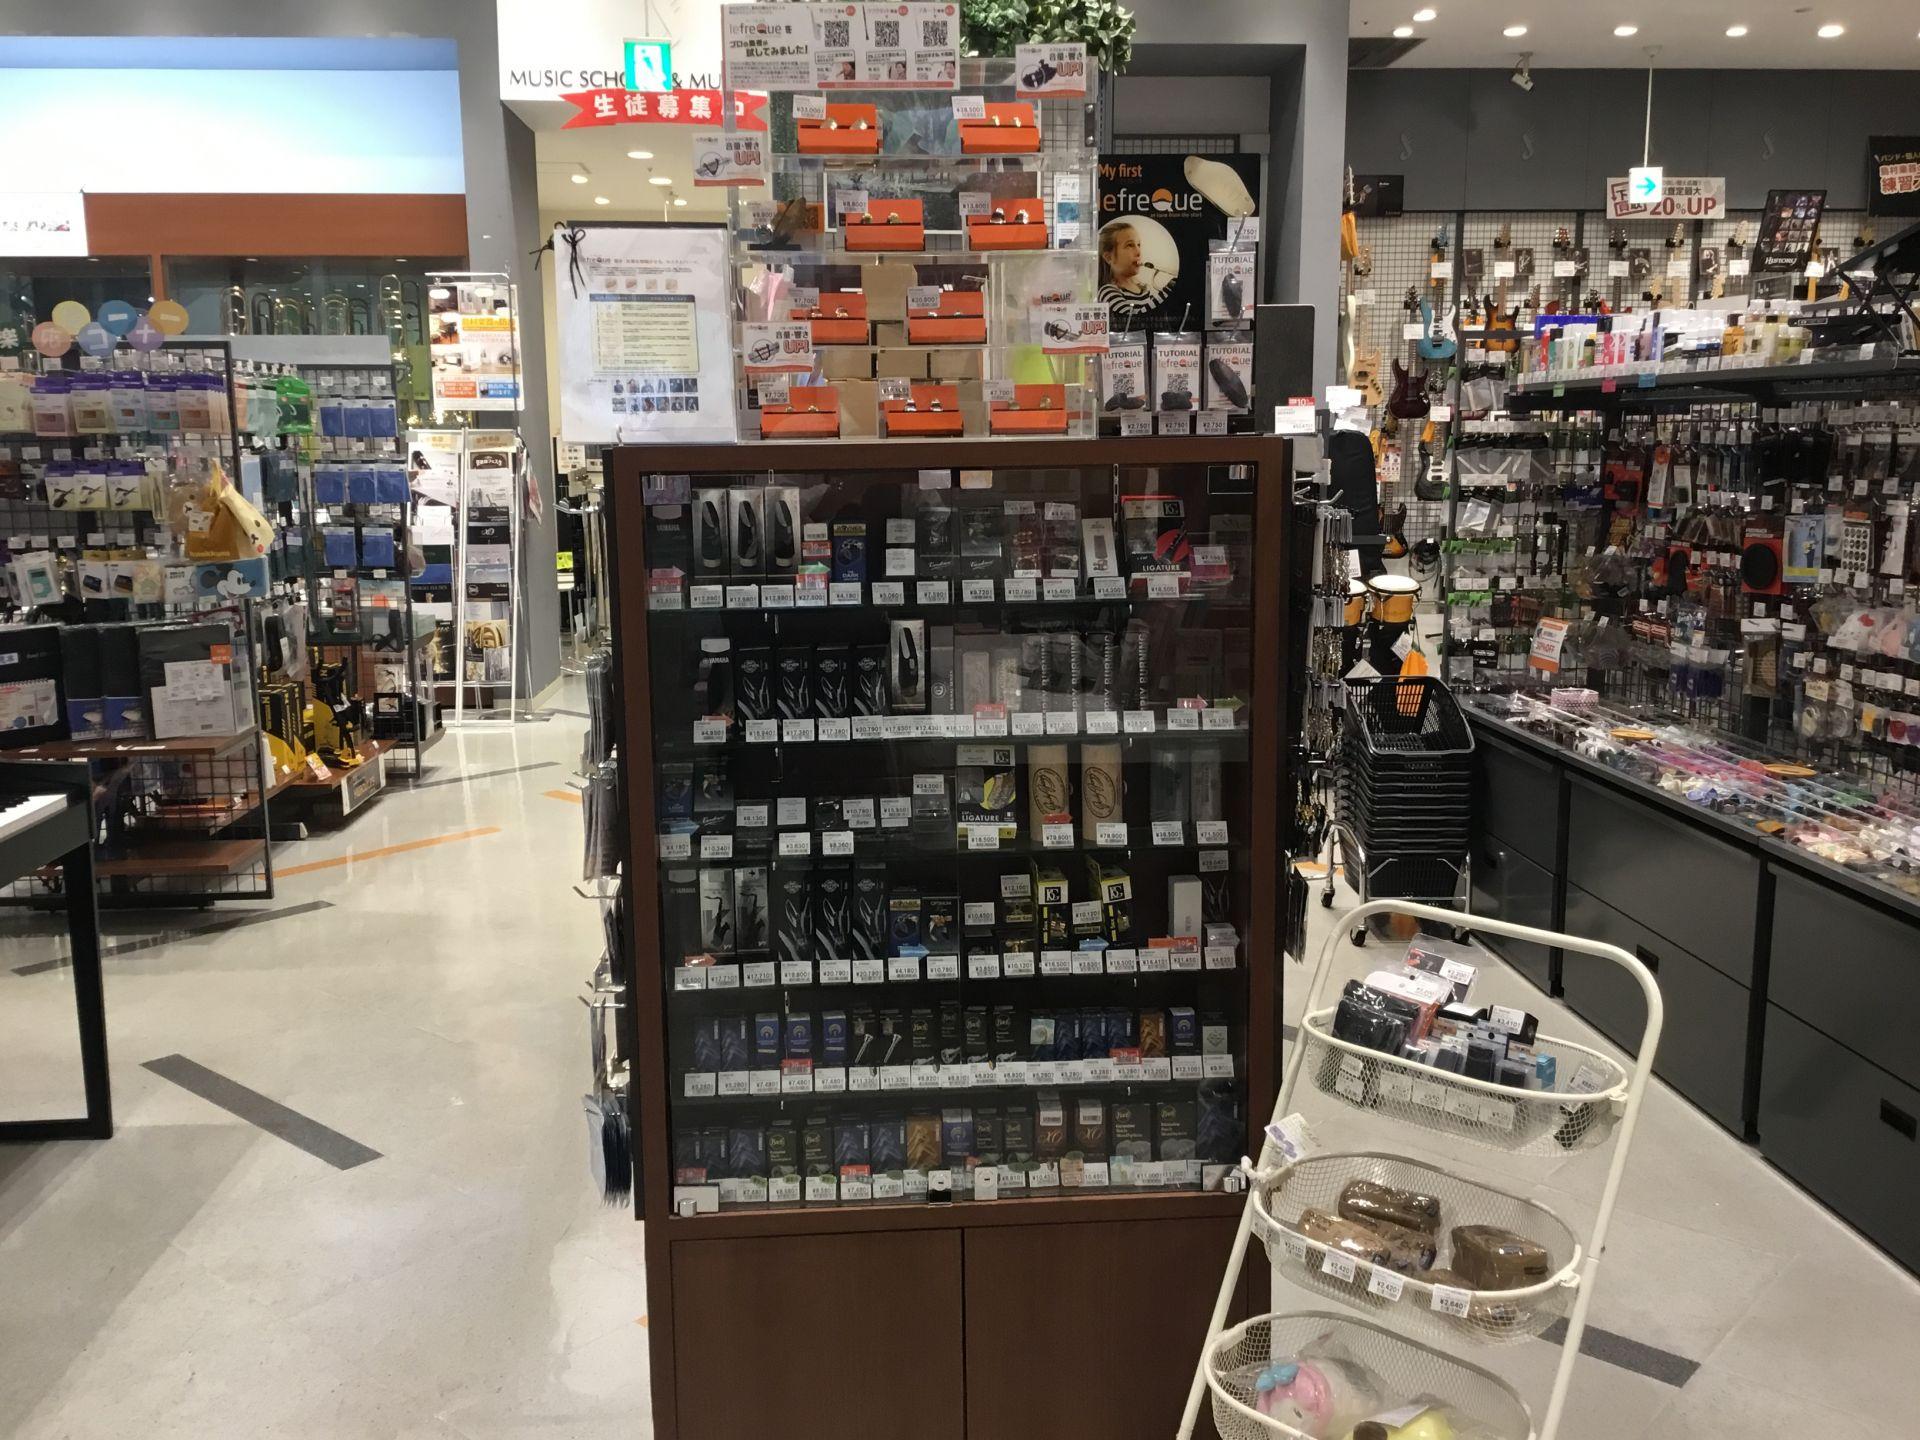 島村楽器イオンモール高崎店 マウスピース リガチャー 試奏できます!